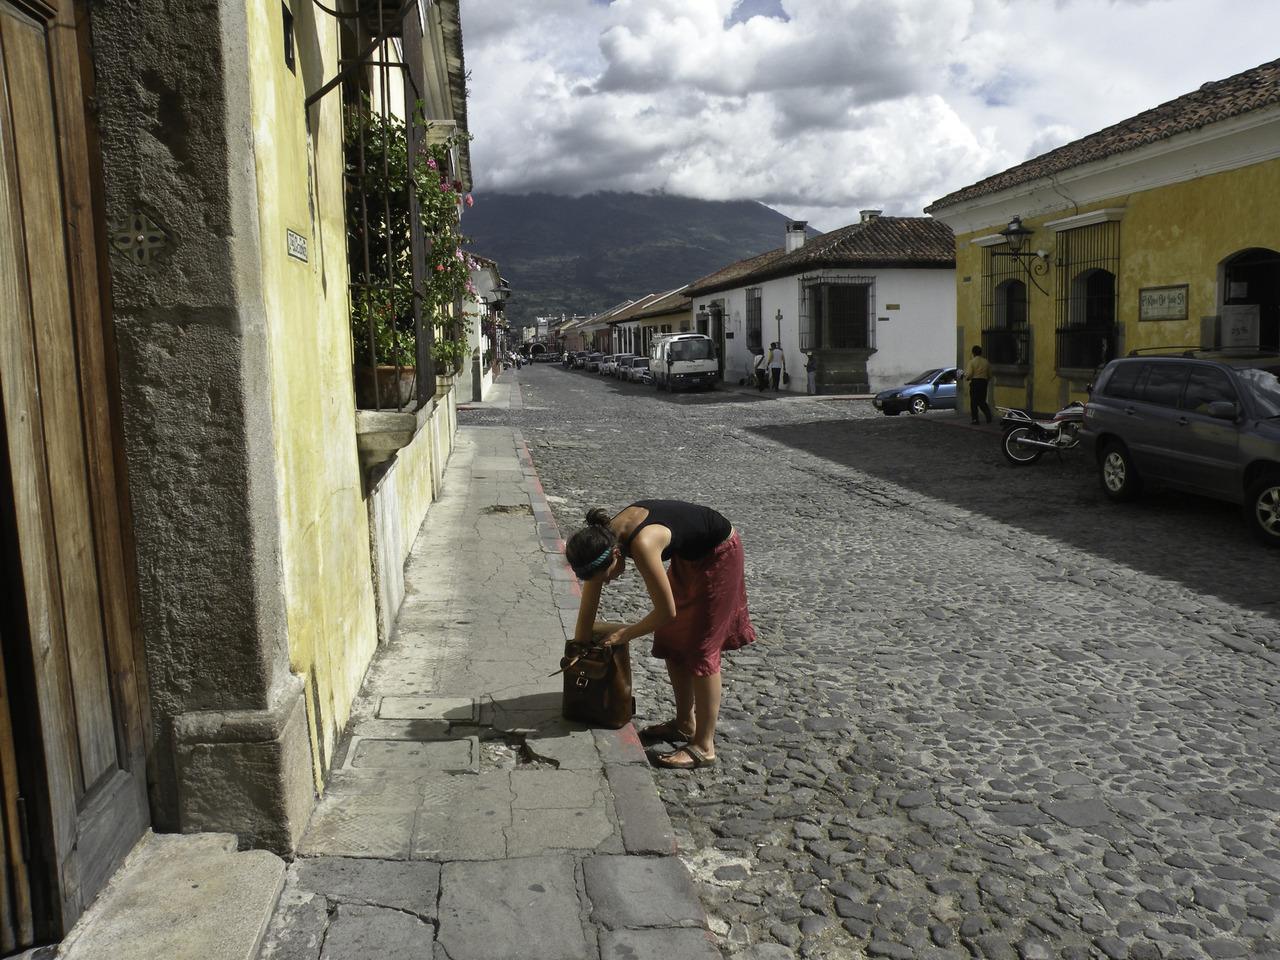 i got myself all thinking about guatemala.